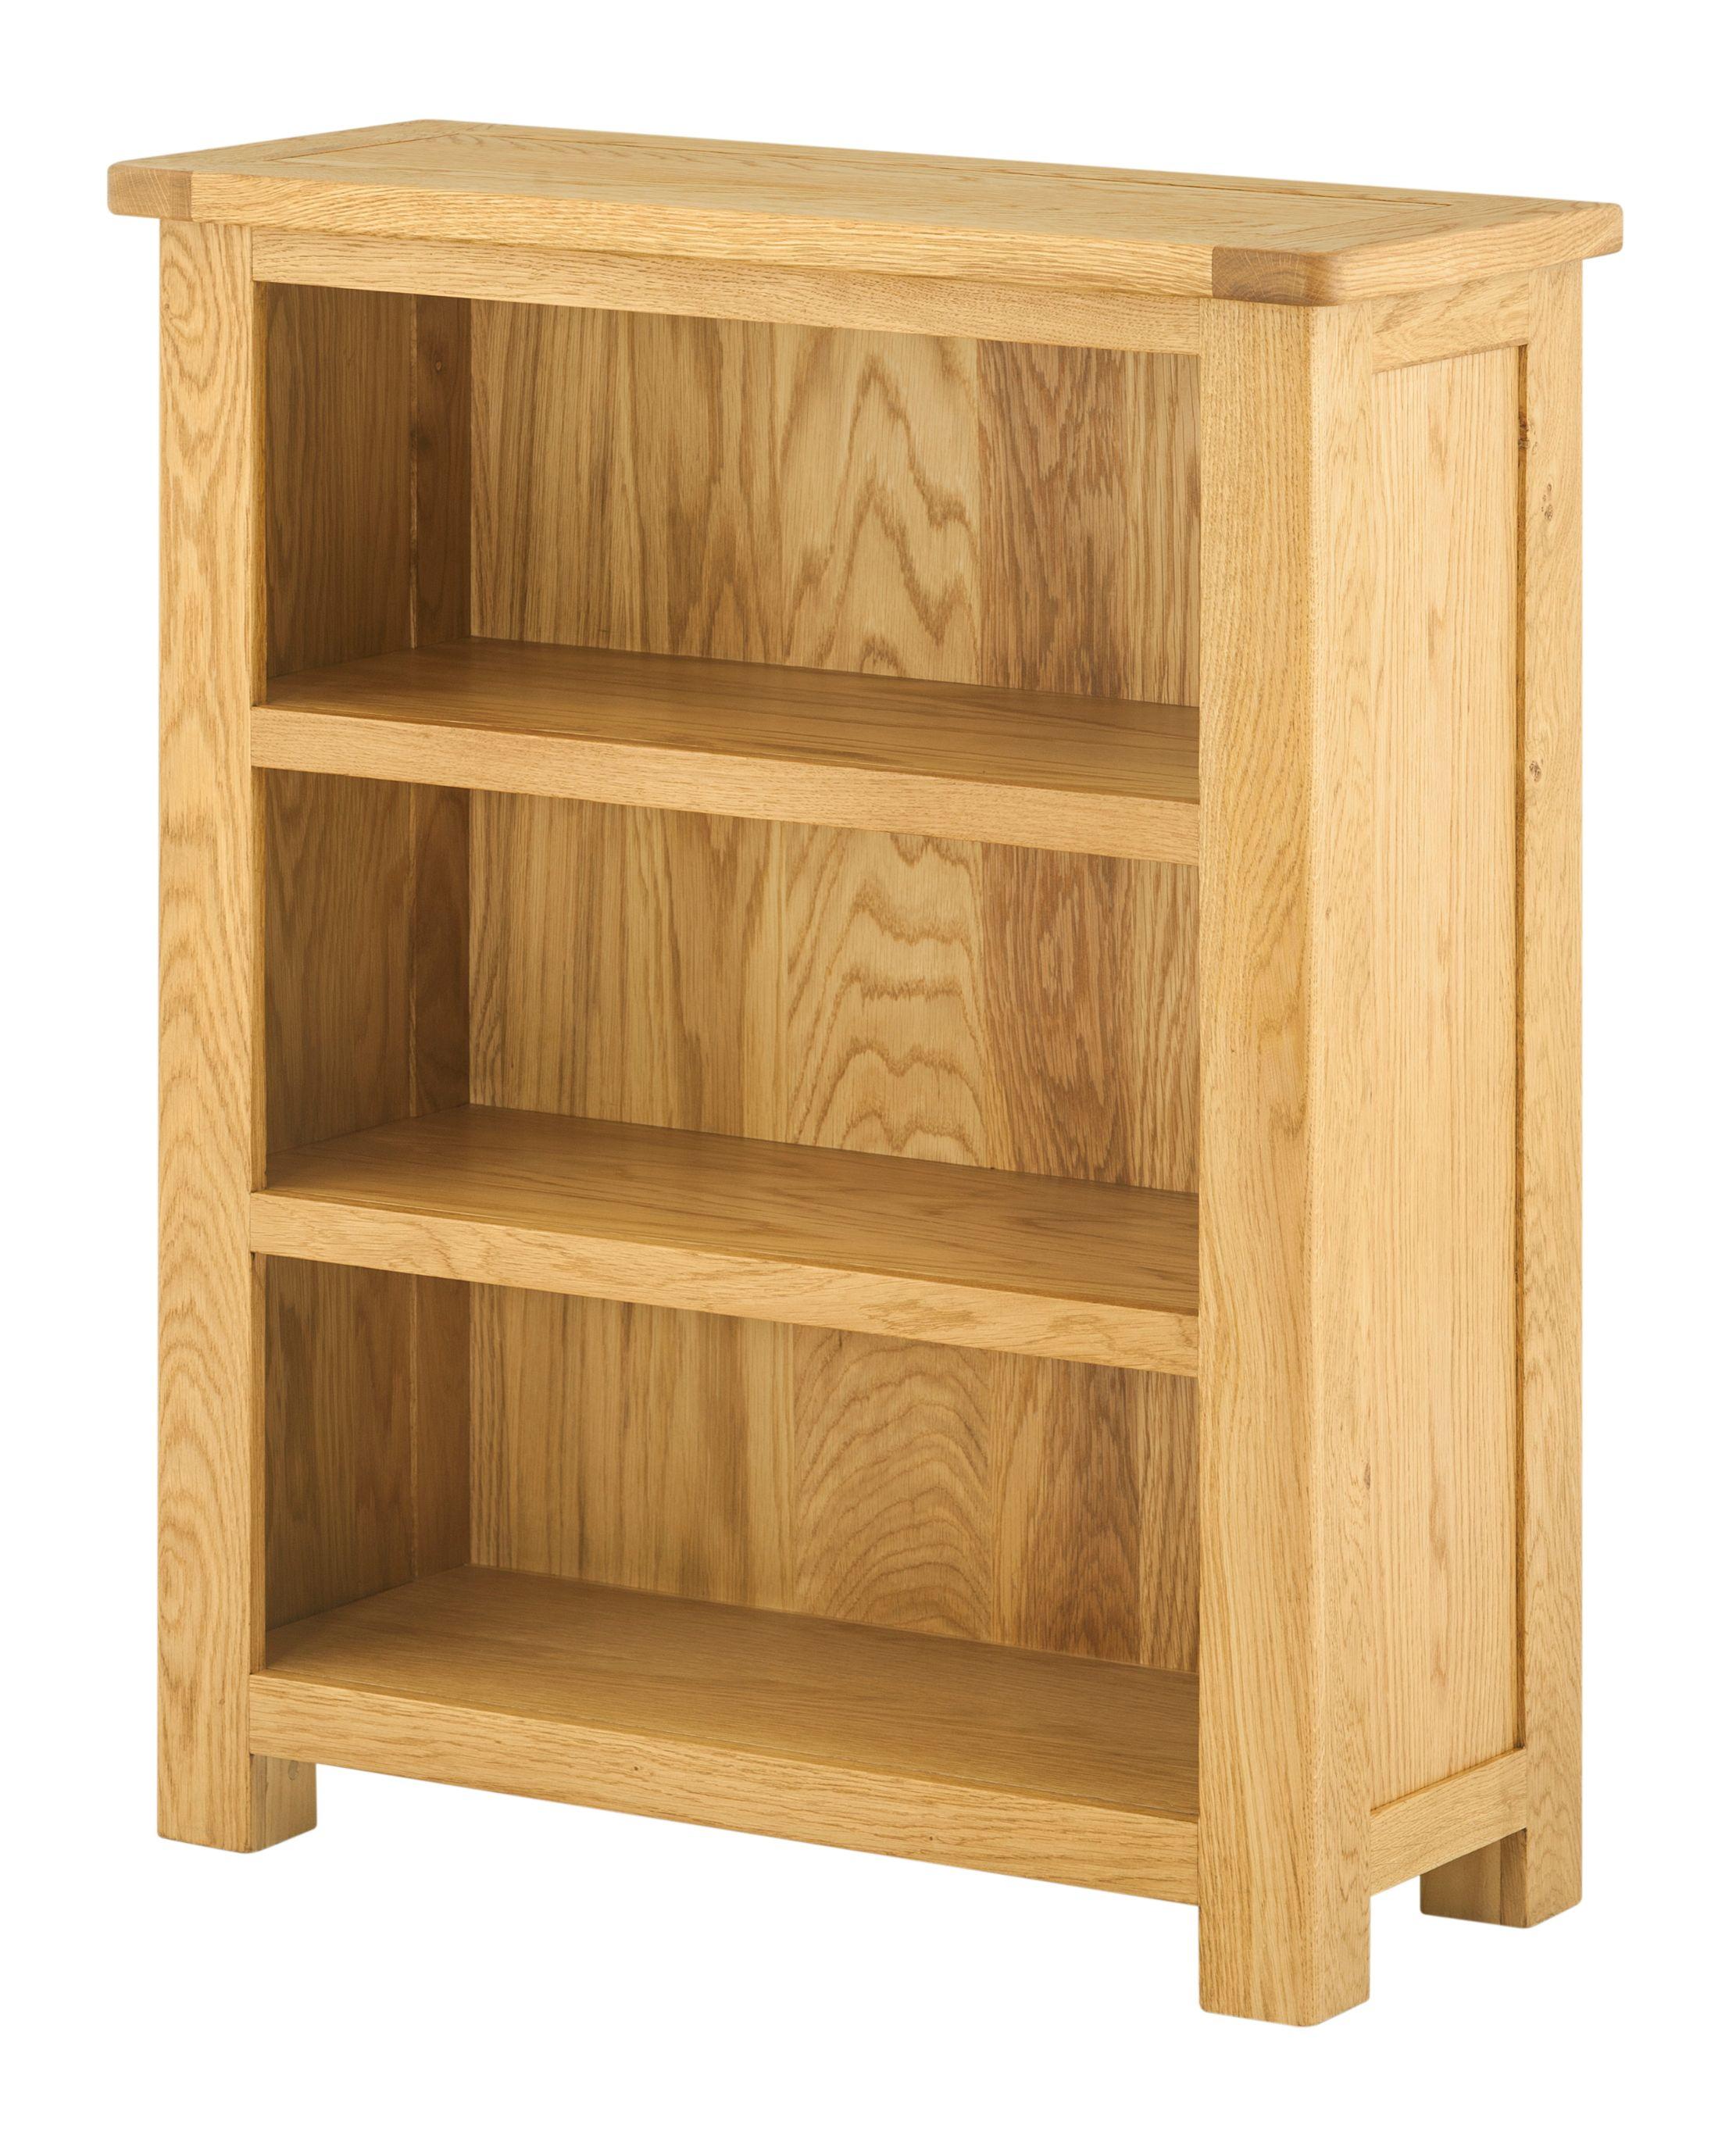 PRESTON GRAND Small Bookcase